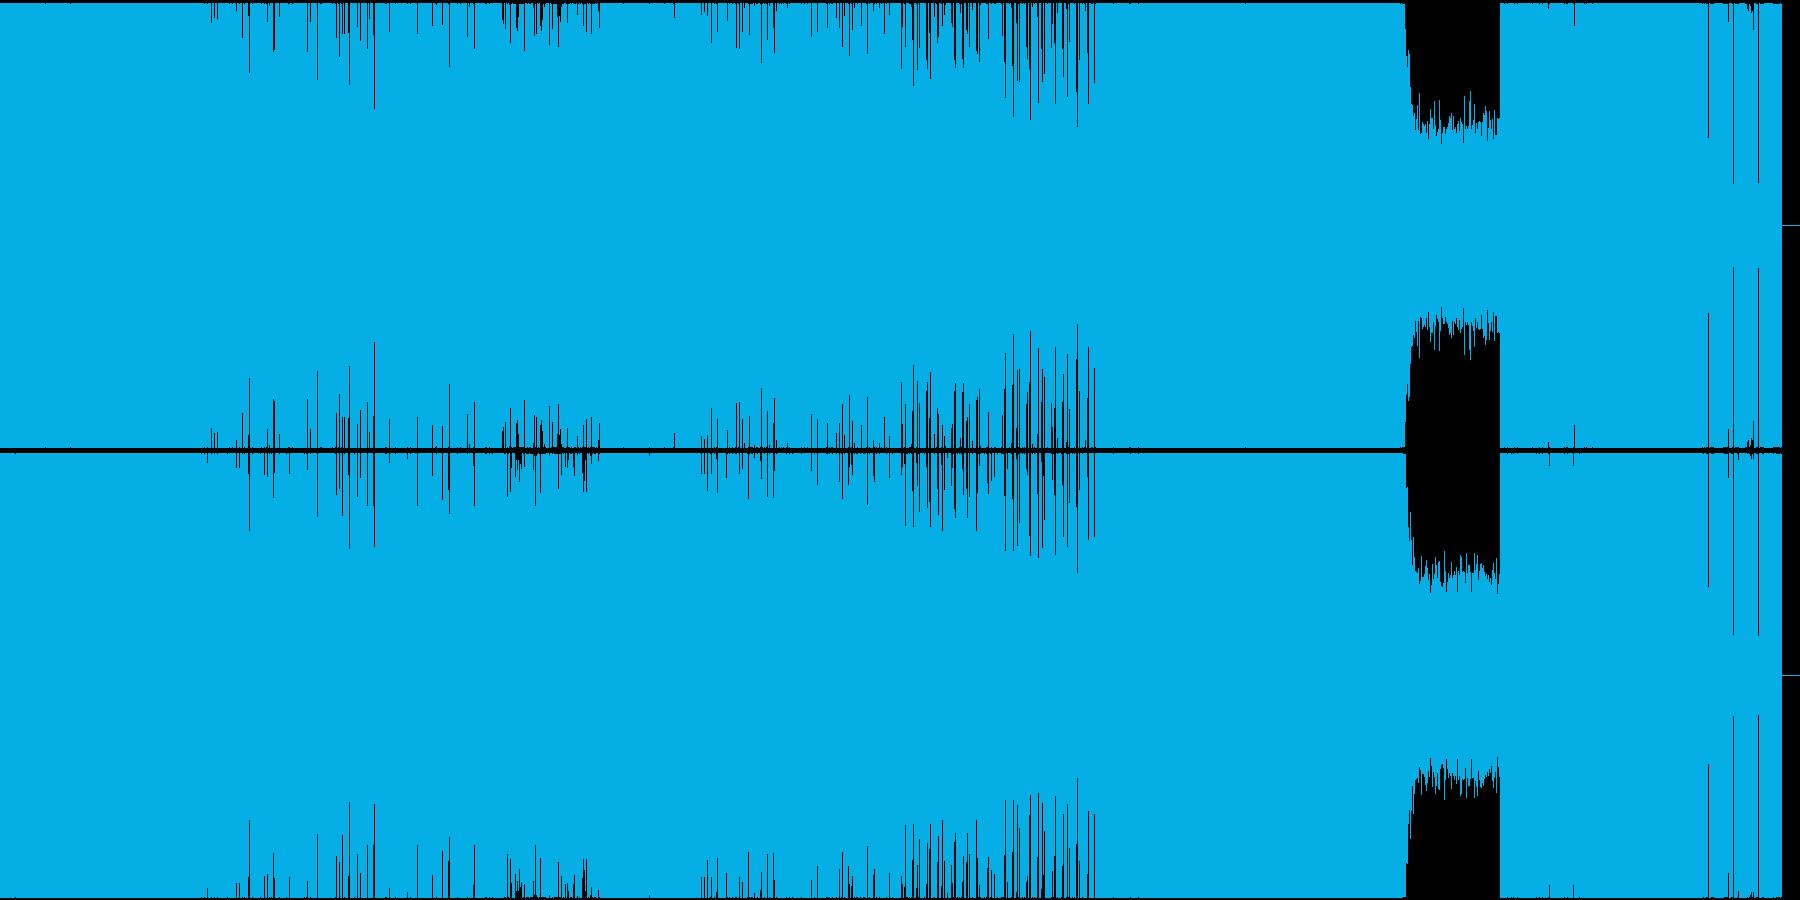 ノイジーでポップなデジタル・ロックの再生済みの波形